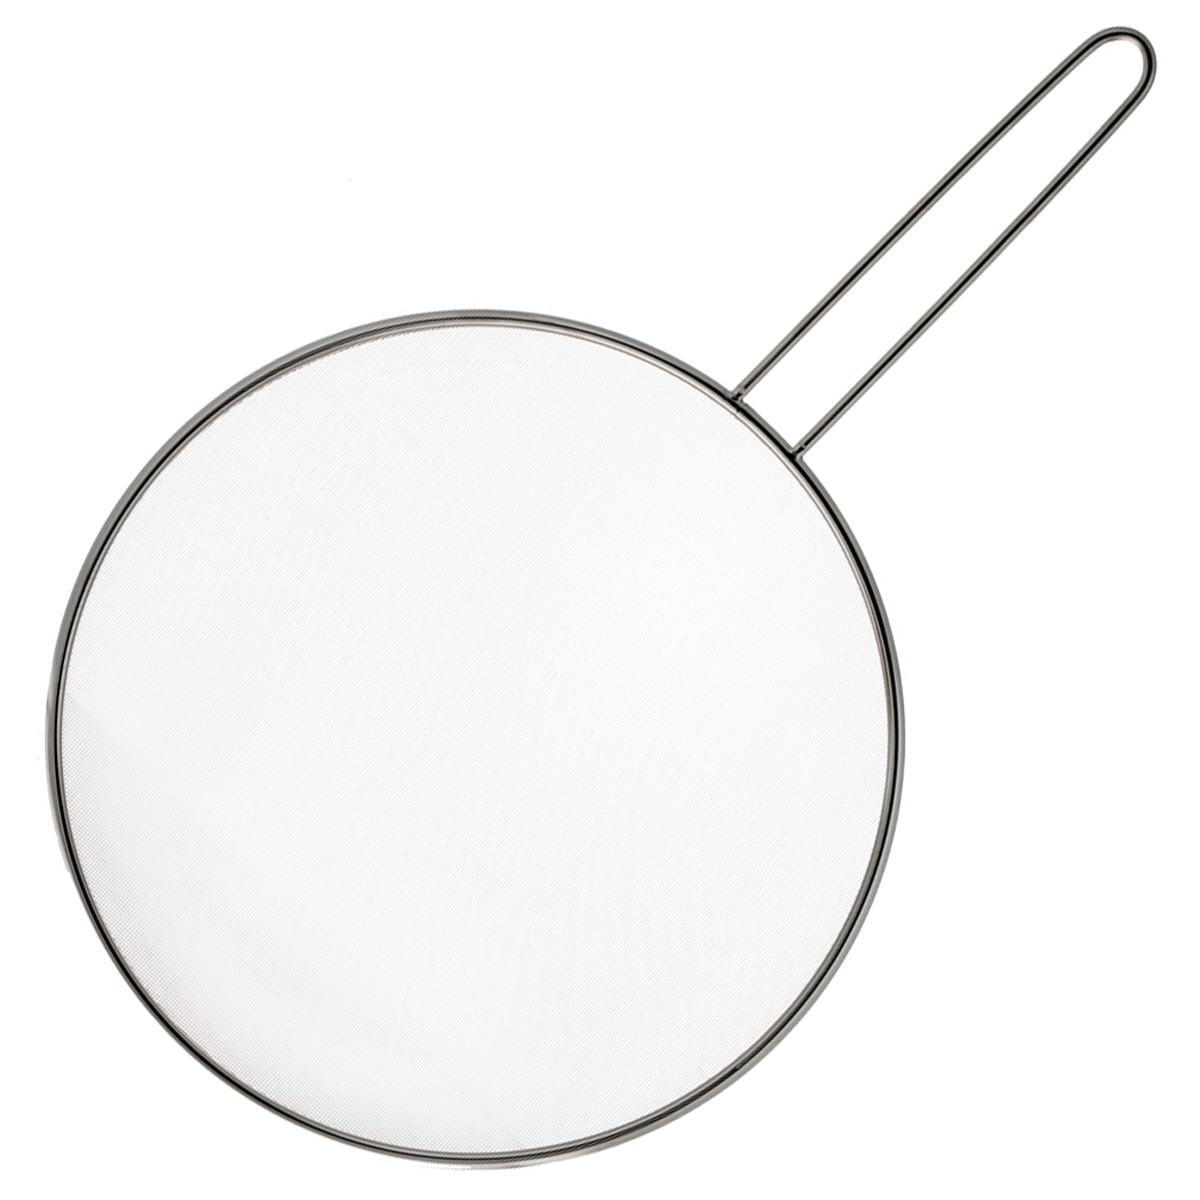 Сетка защитная Bekker, от брызг, диаметр 25 смBK-9200Сетка Bekker выполнена из нержавеющей стали. Достаточно положить сетку на сковороду и можно не беспокоиться о чистоте вашей плиты.Сетка Bekker станет незаменимым помощником на вашей кухне и понравится каждой хозяйке.